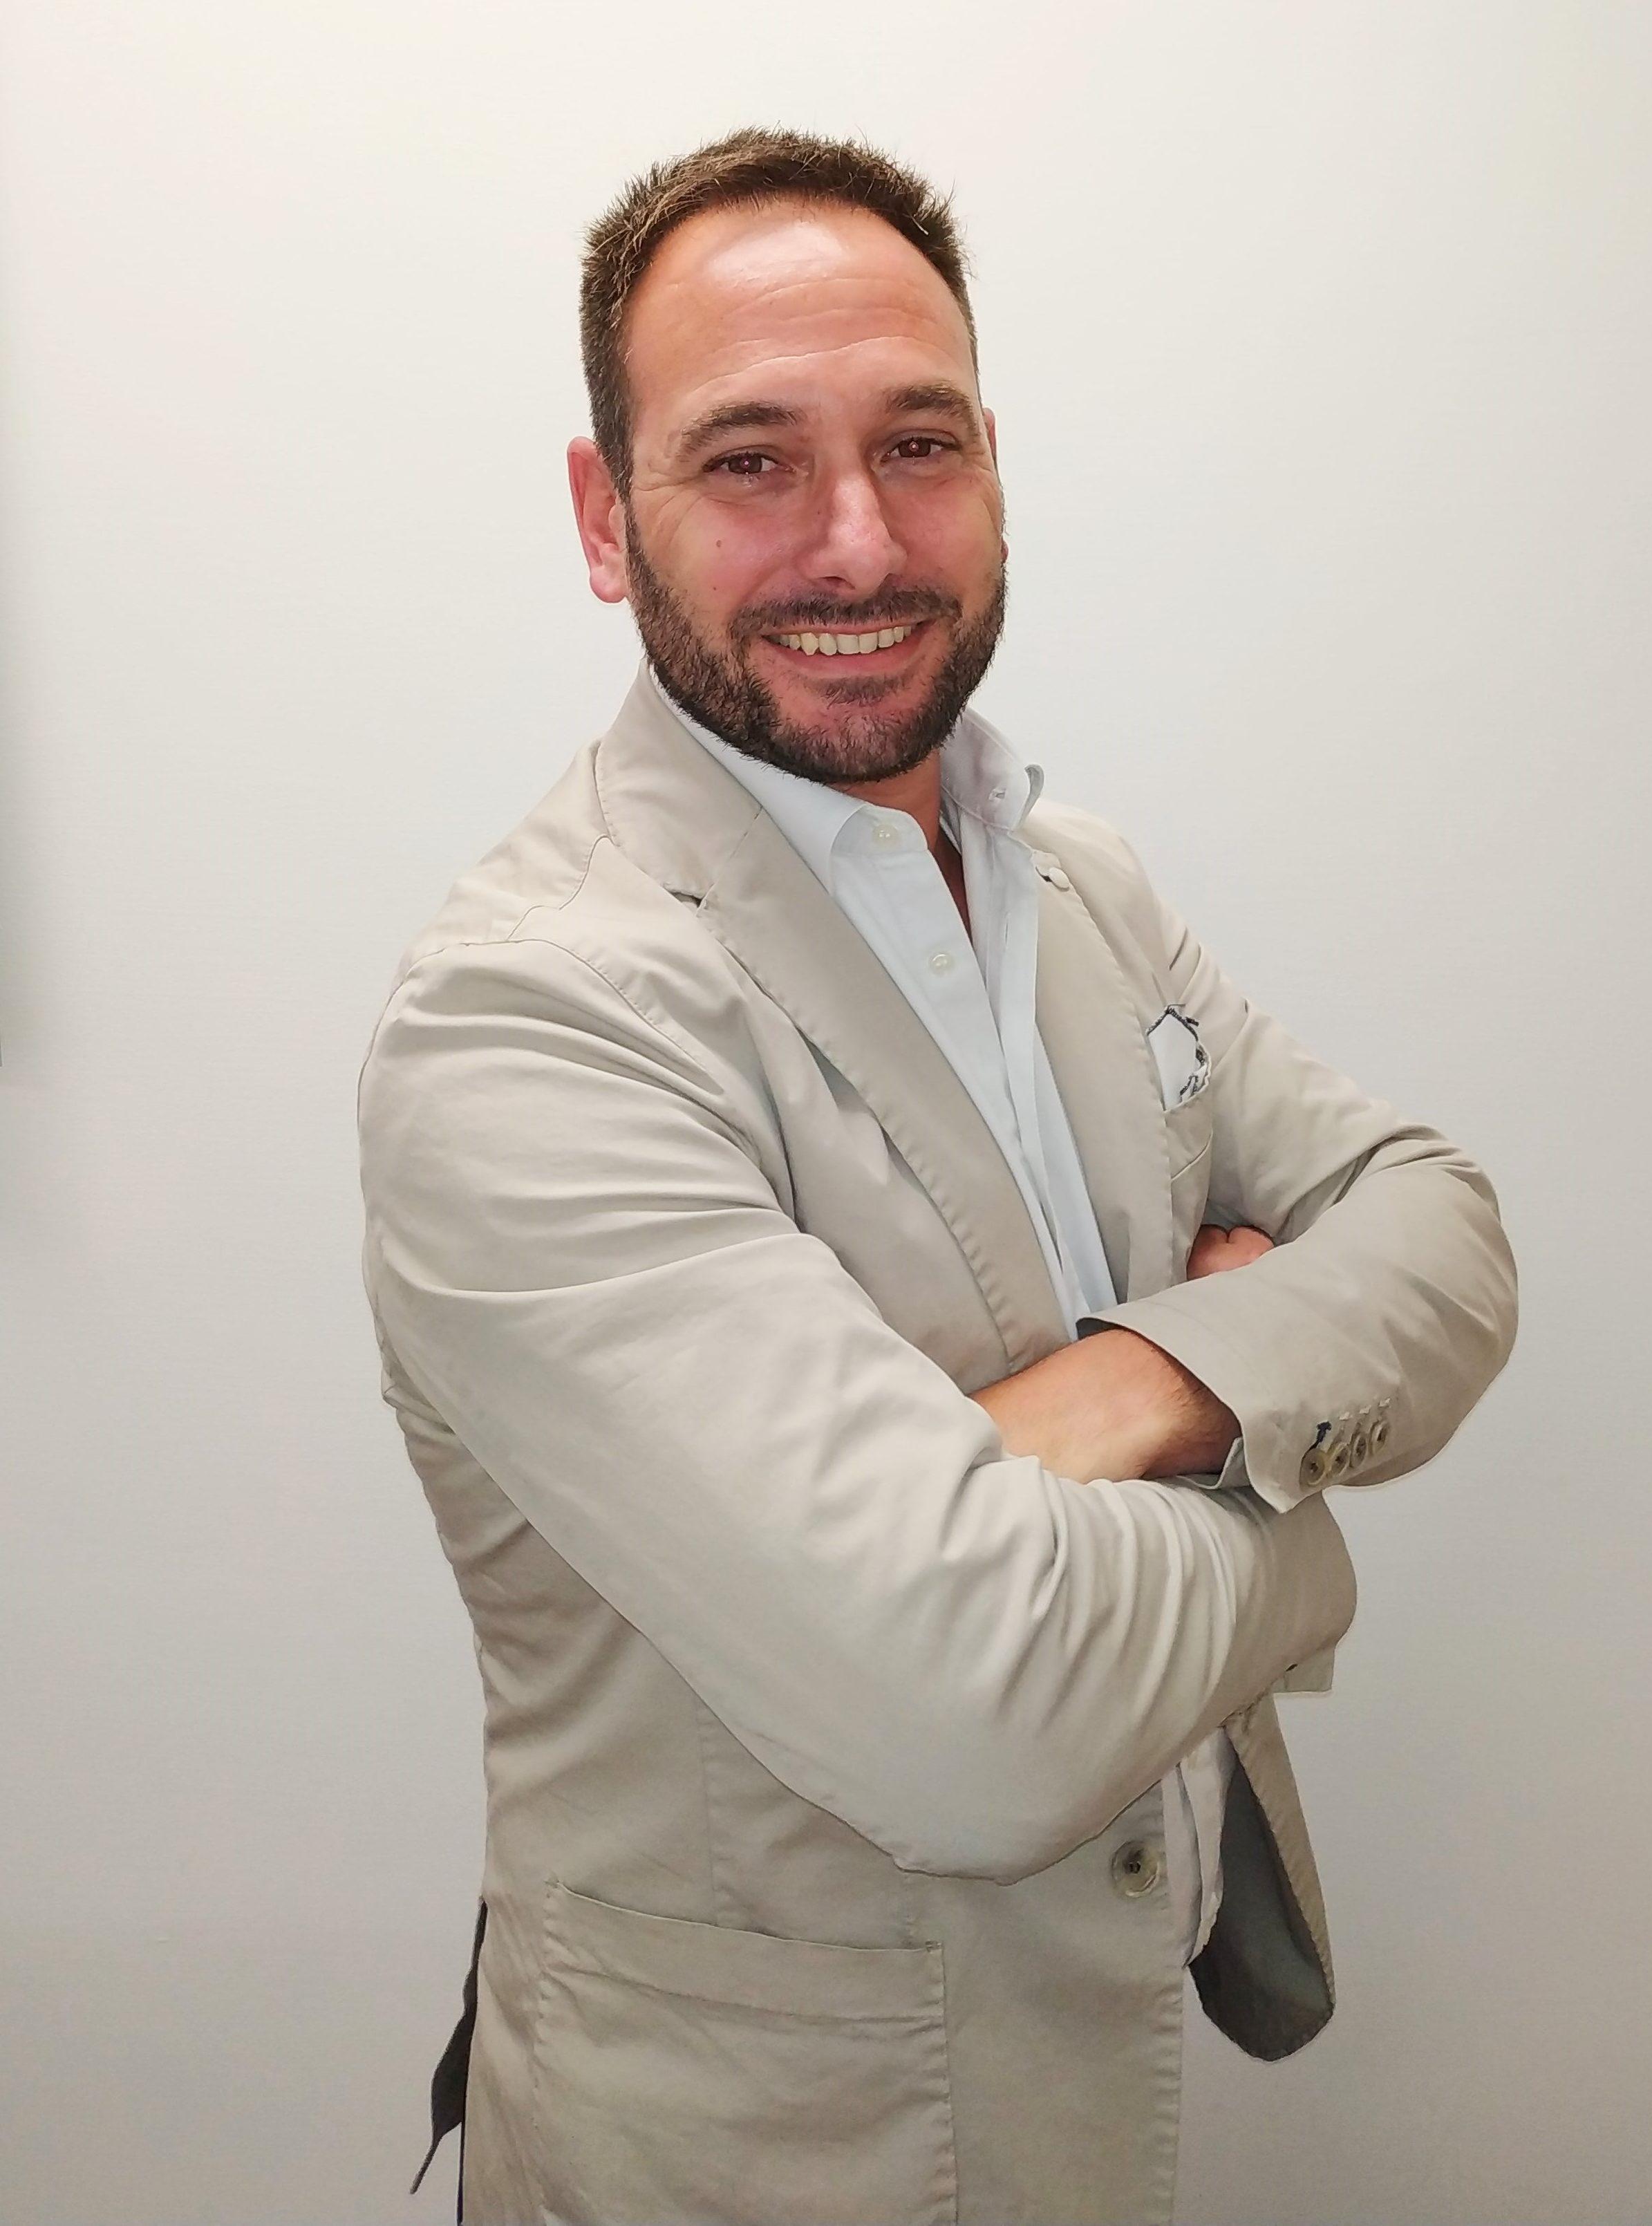 Christian Porcu